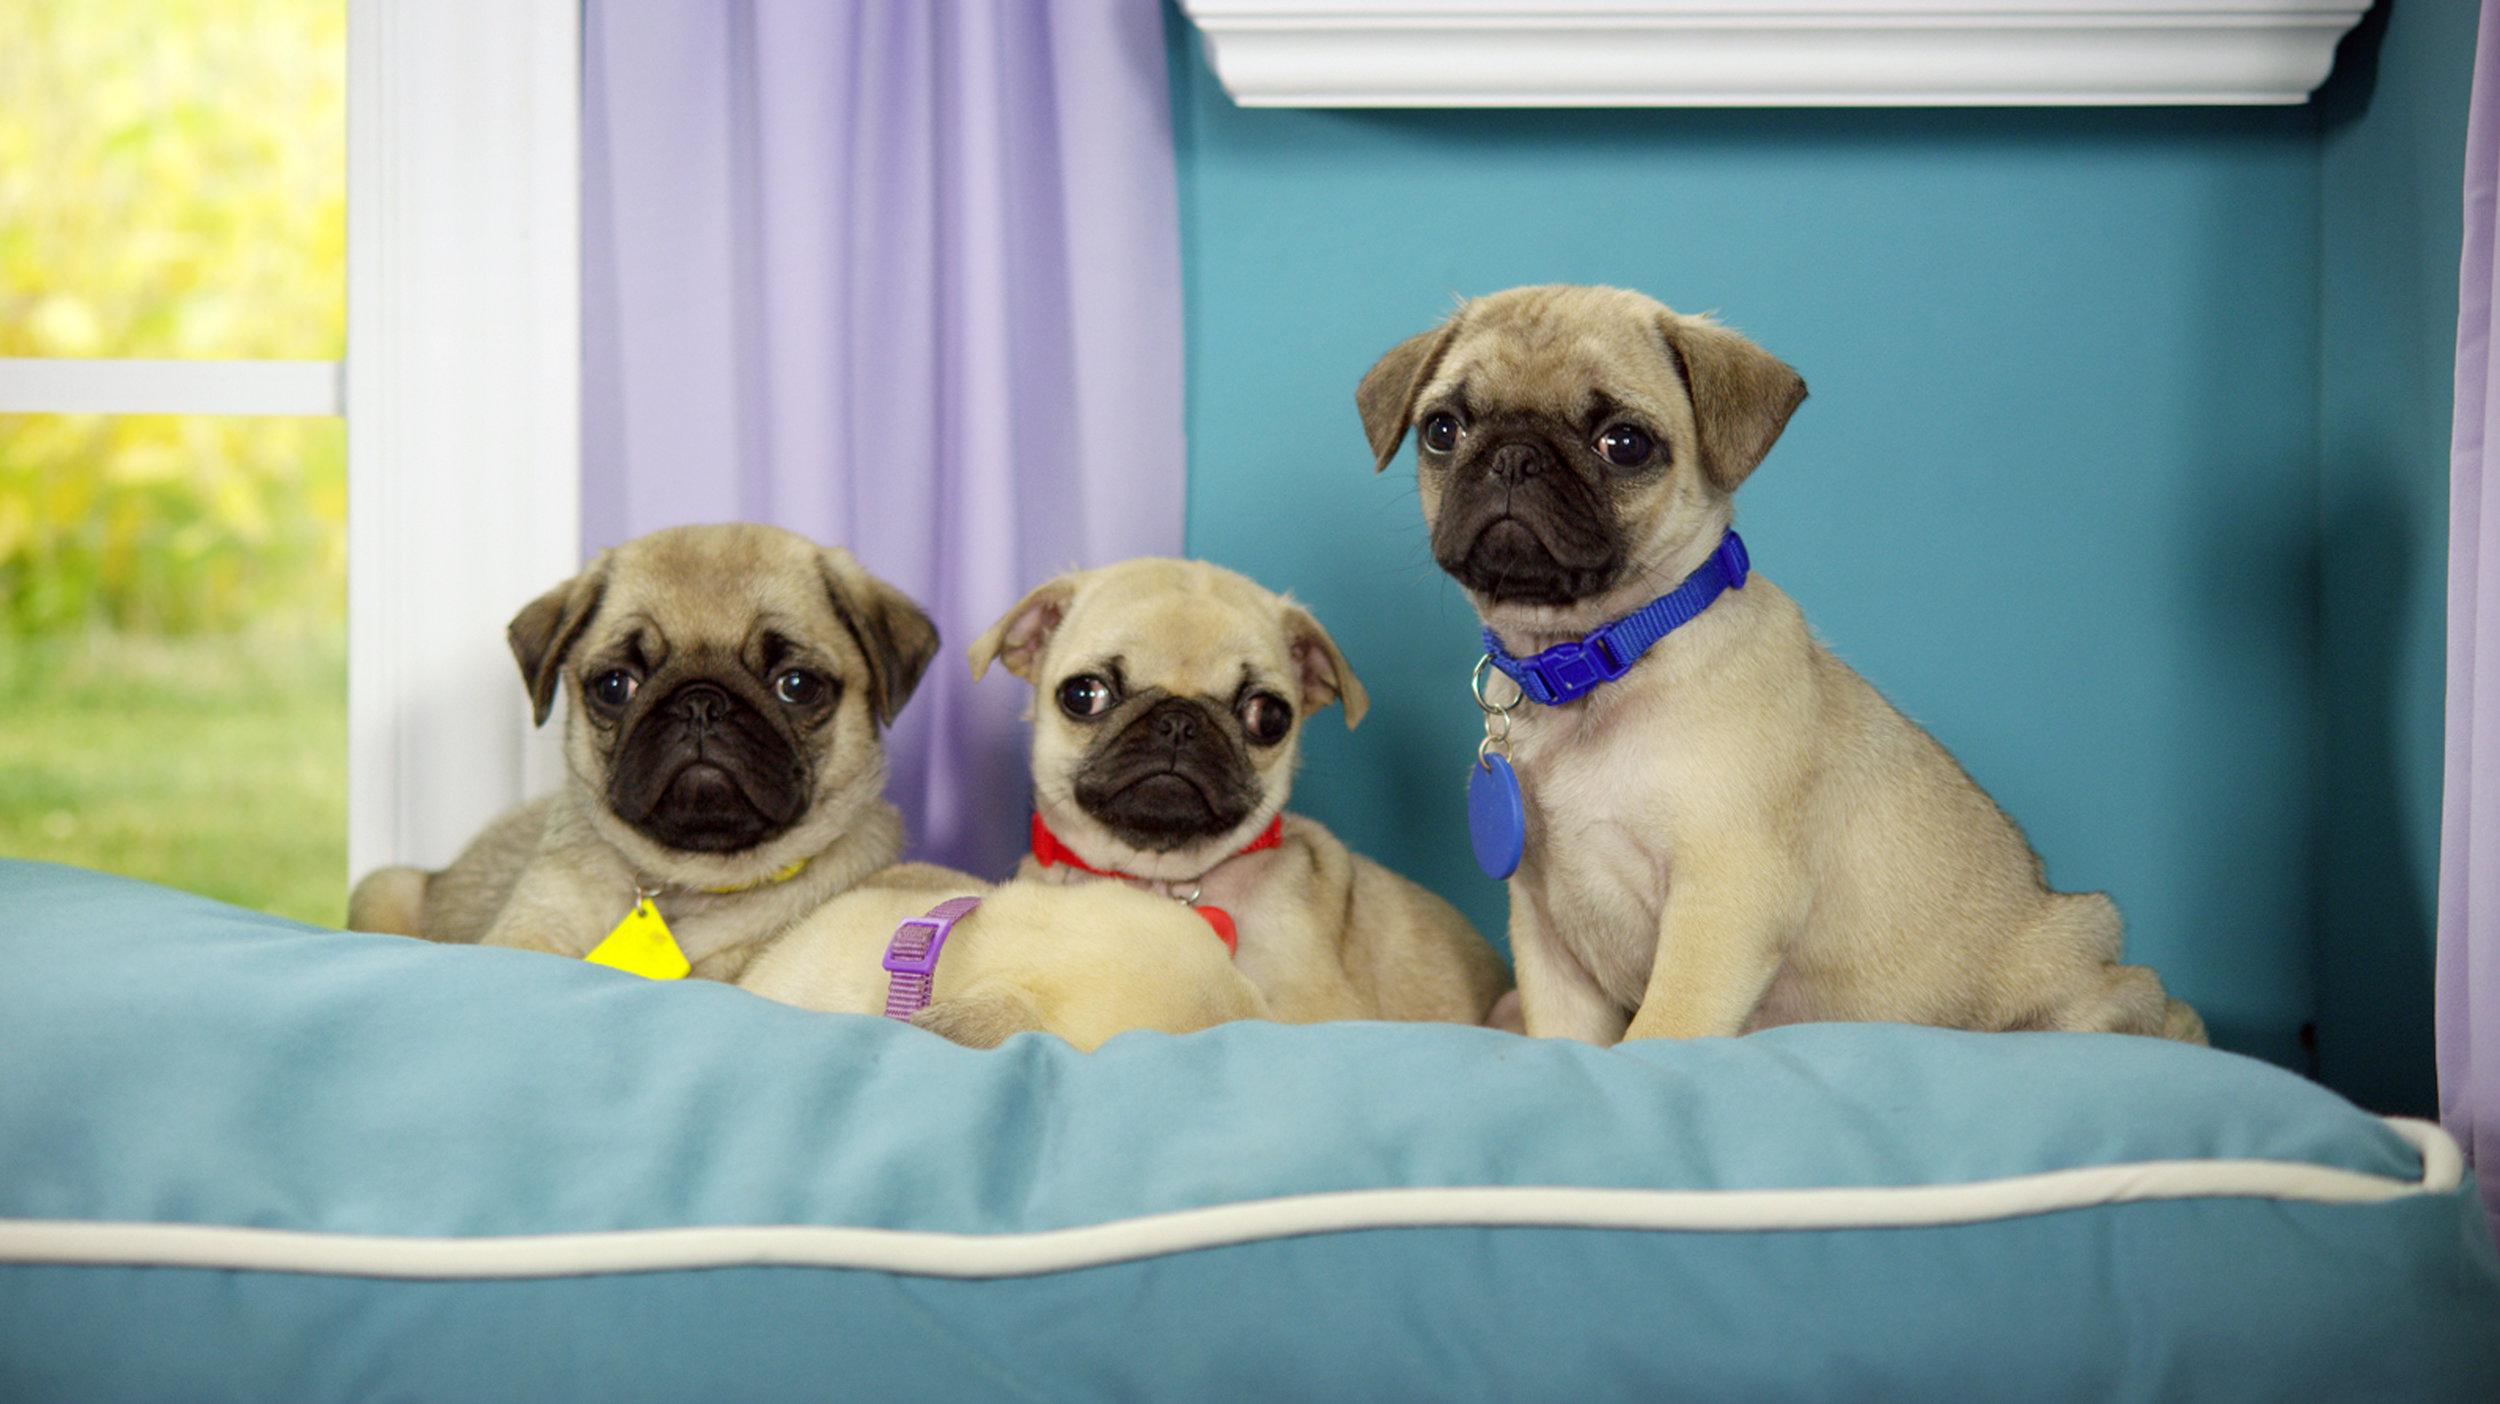 17_Cutie Pugs in Bed.jpg